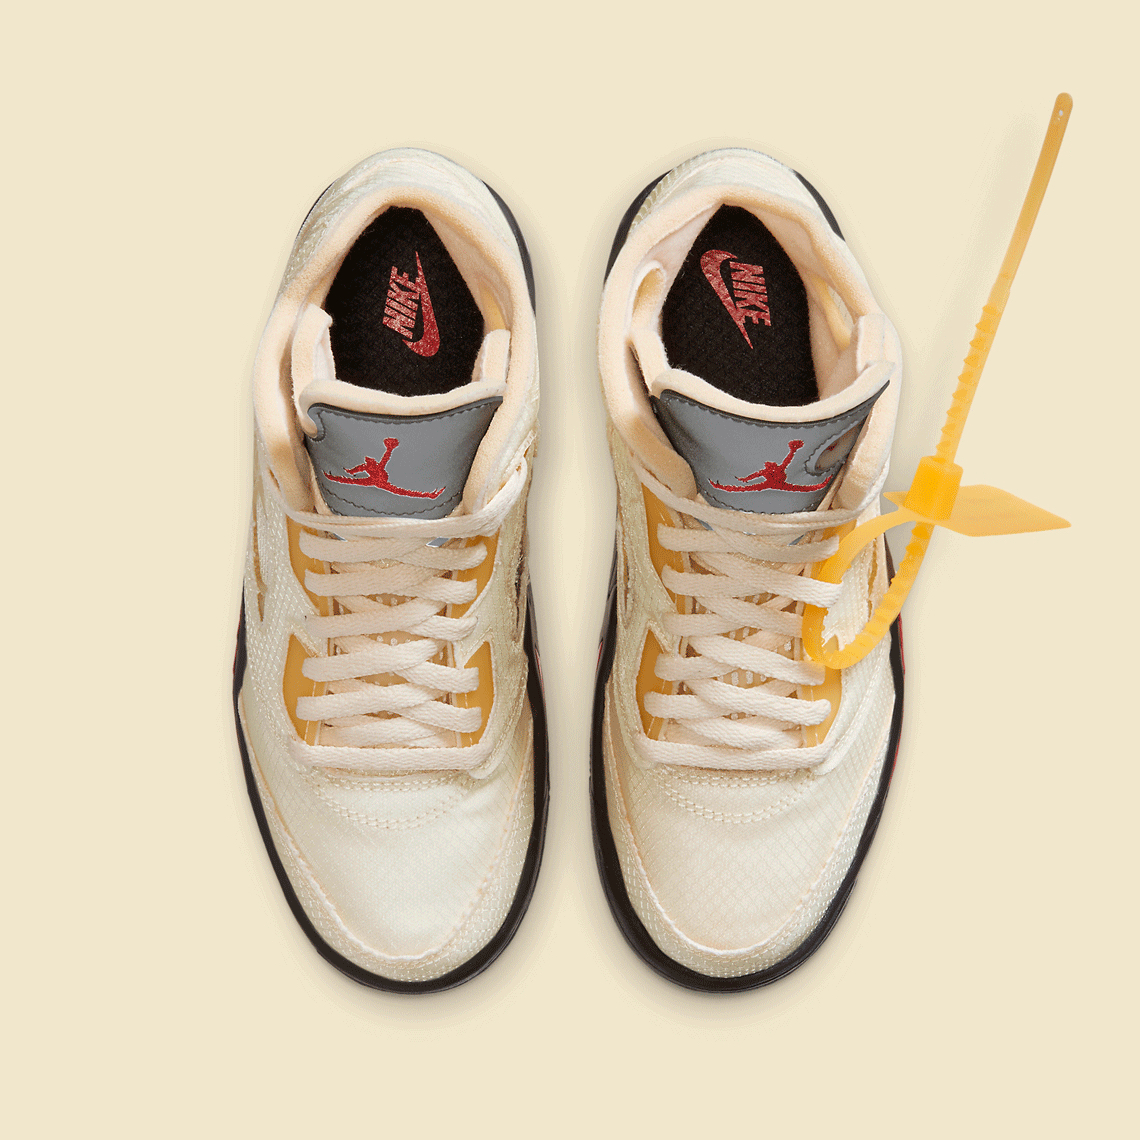 Off-White x Air Jordan 5 Retro SP PS 'Sail'